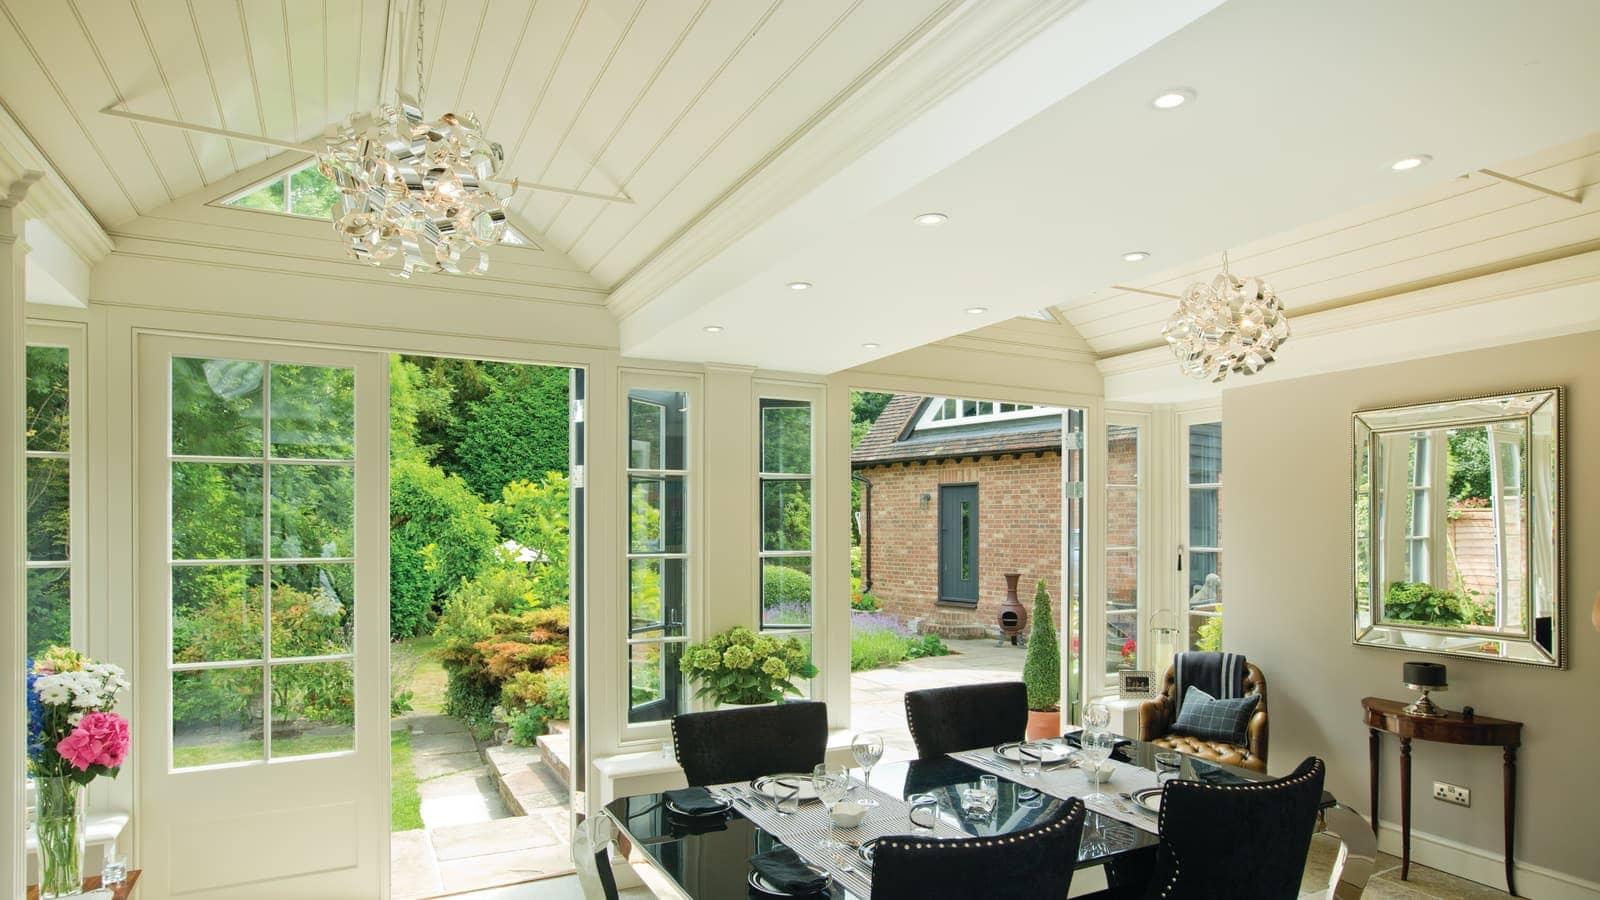 Interior shot of south facing garden room